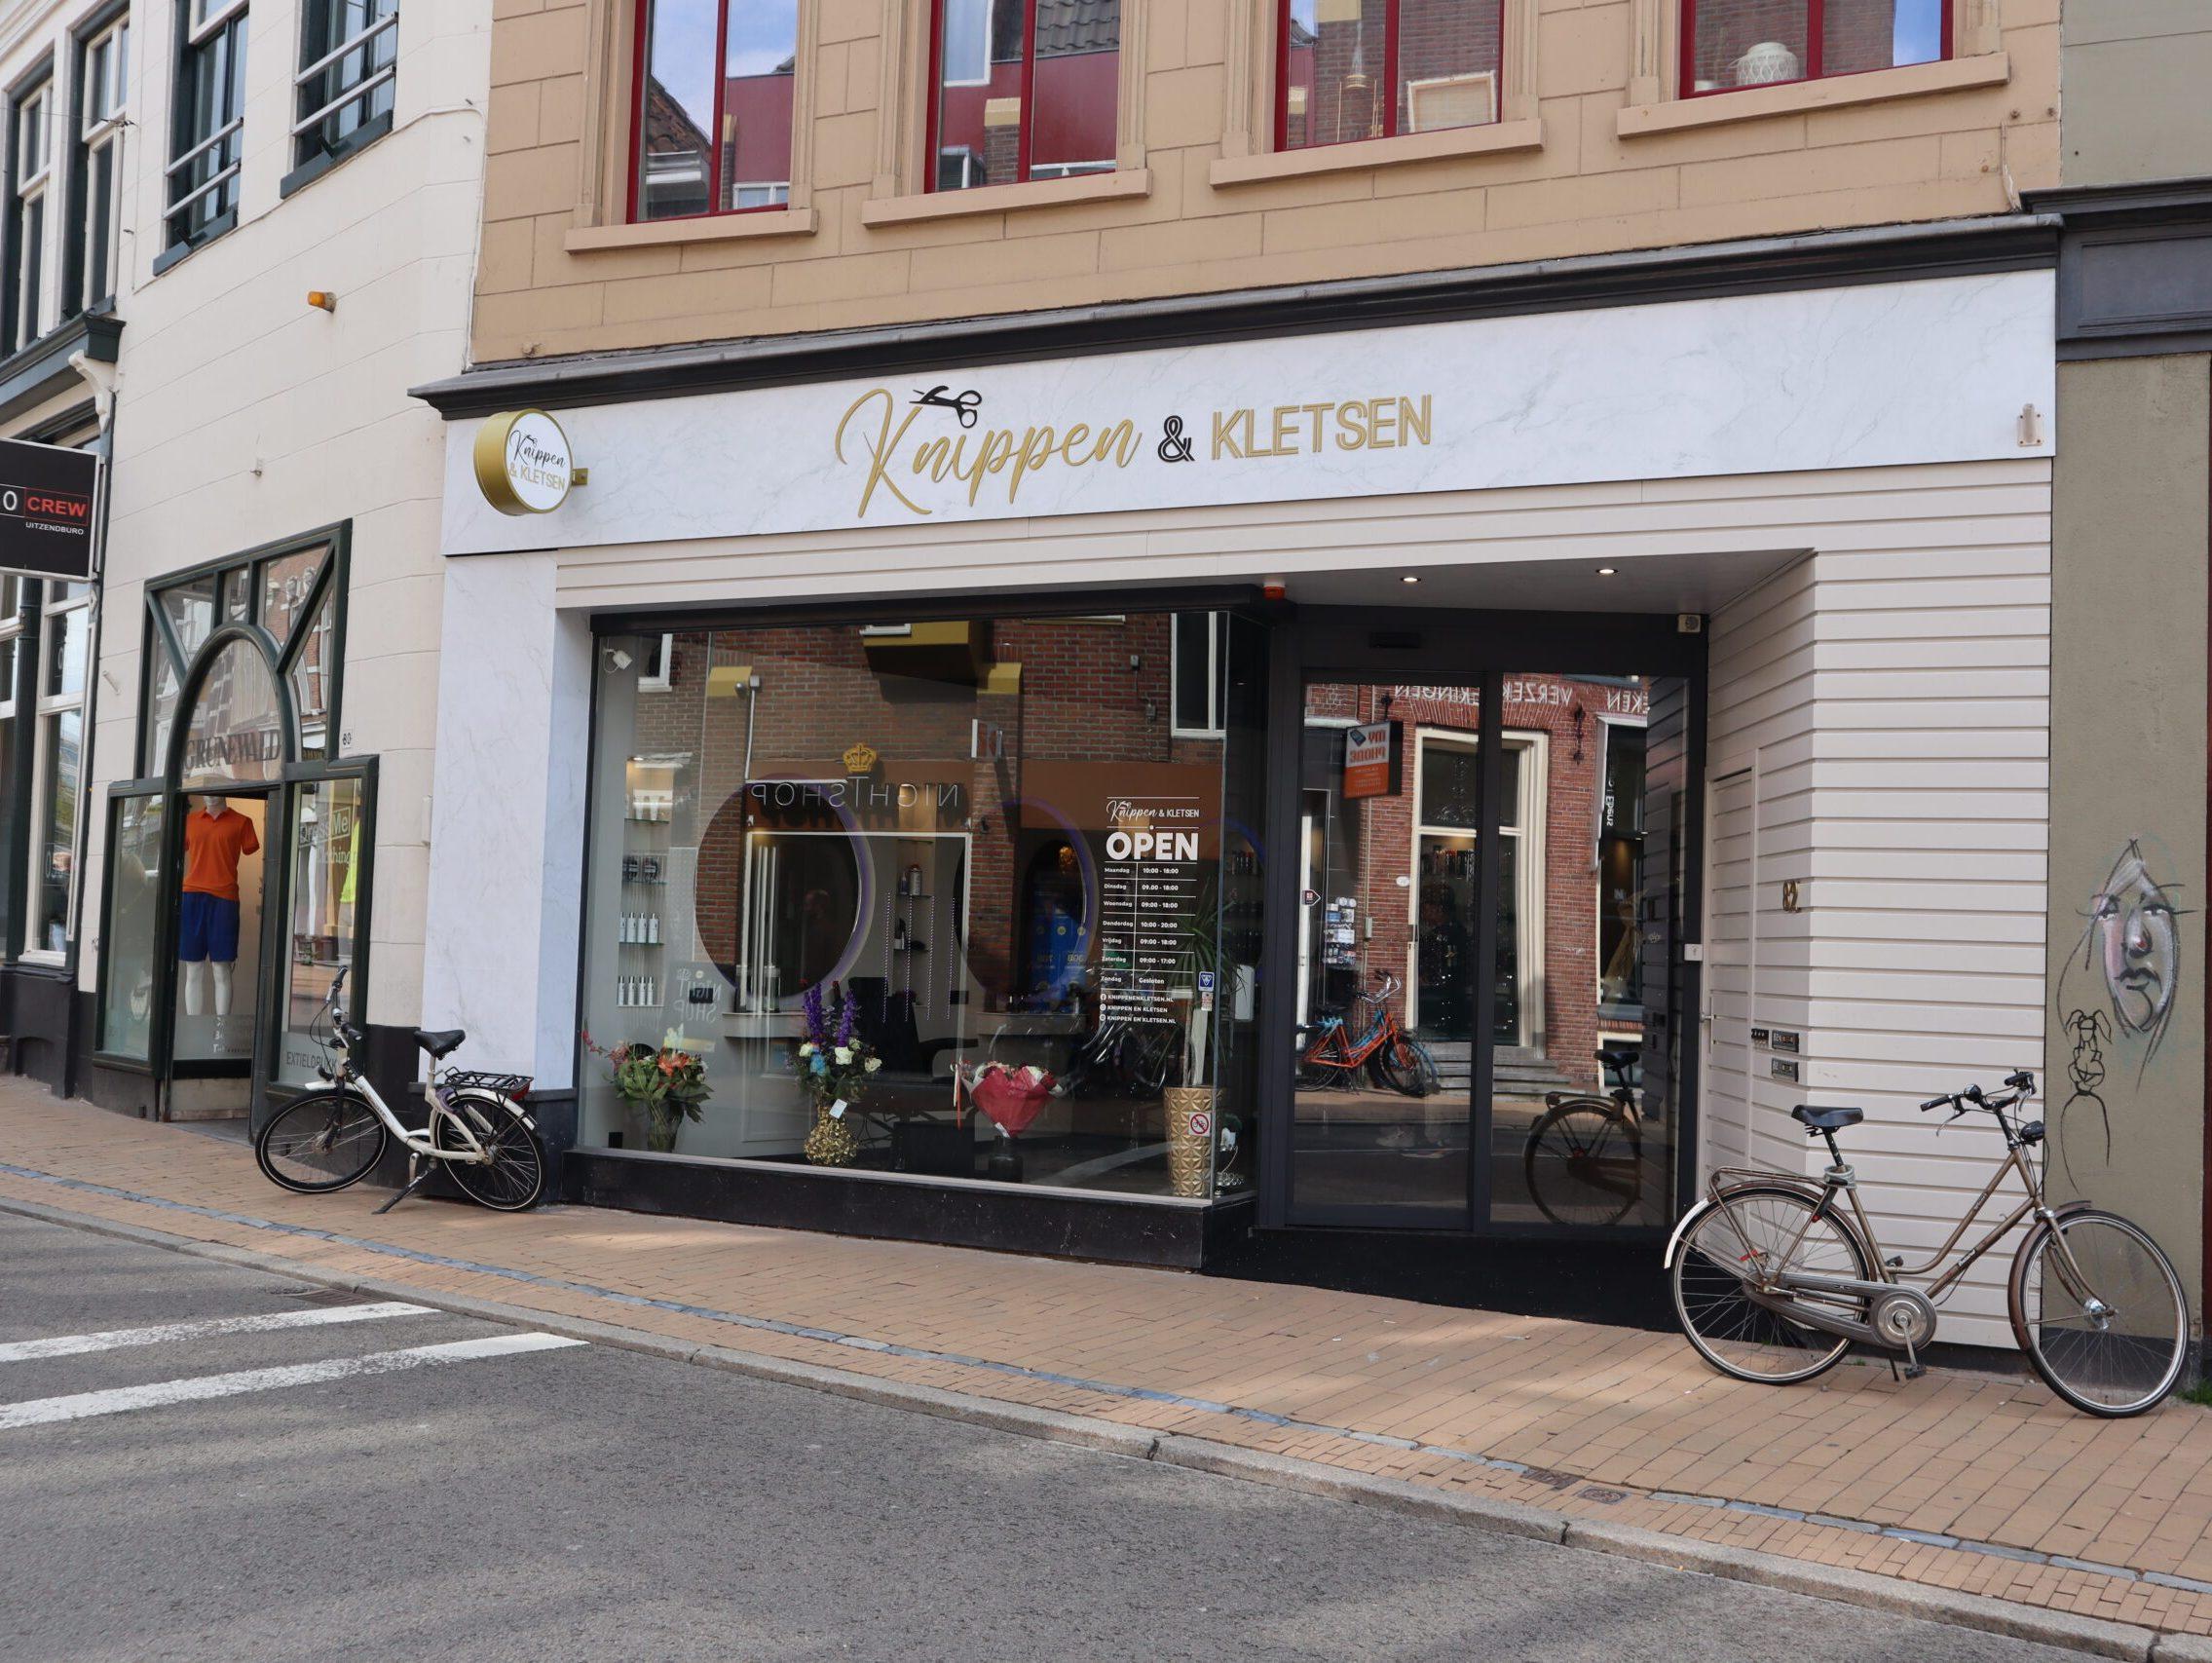 Knippen & Kletsen - Leukste kapper Groningen